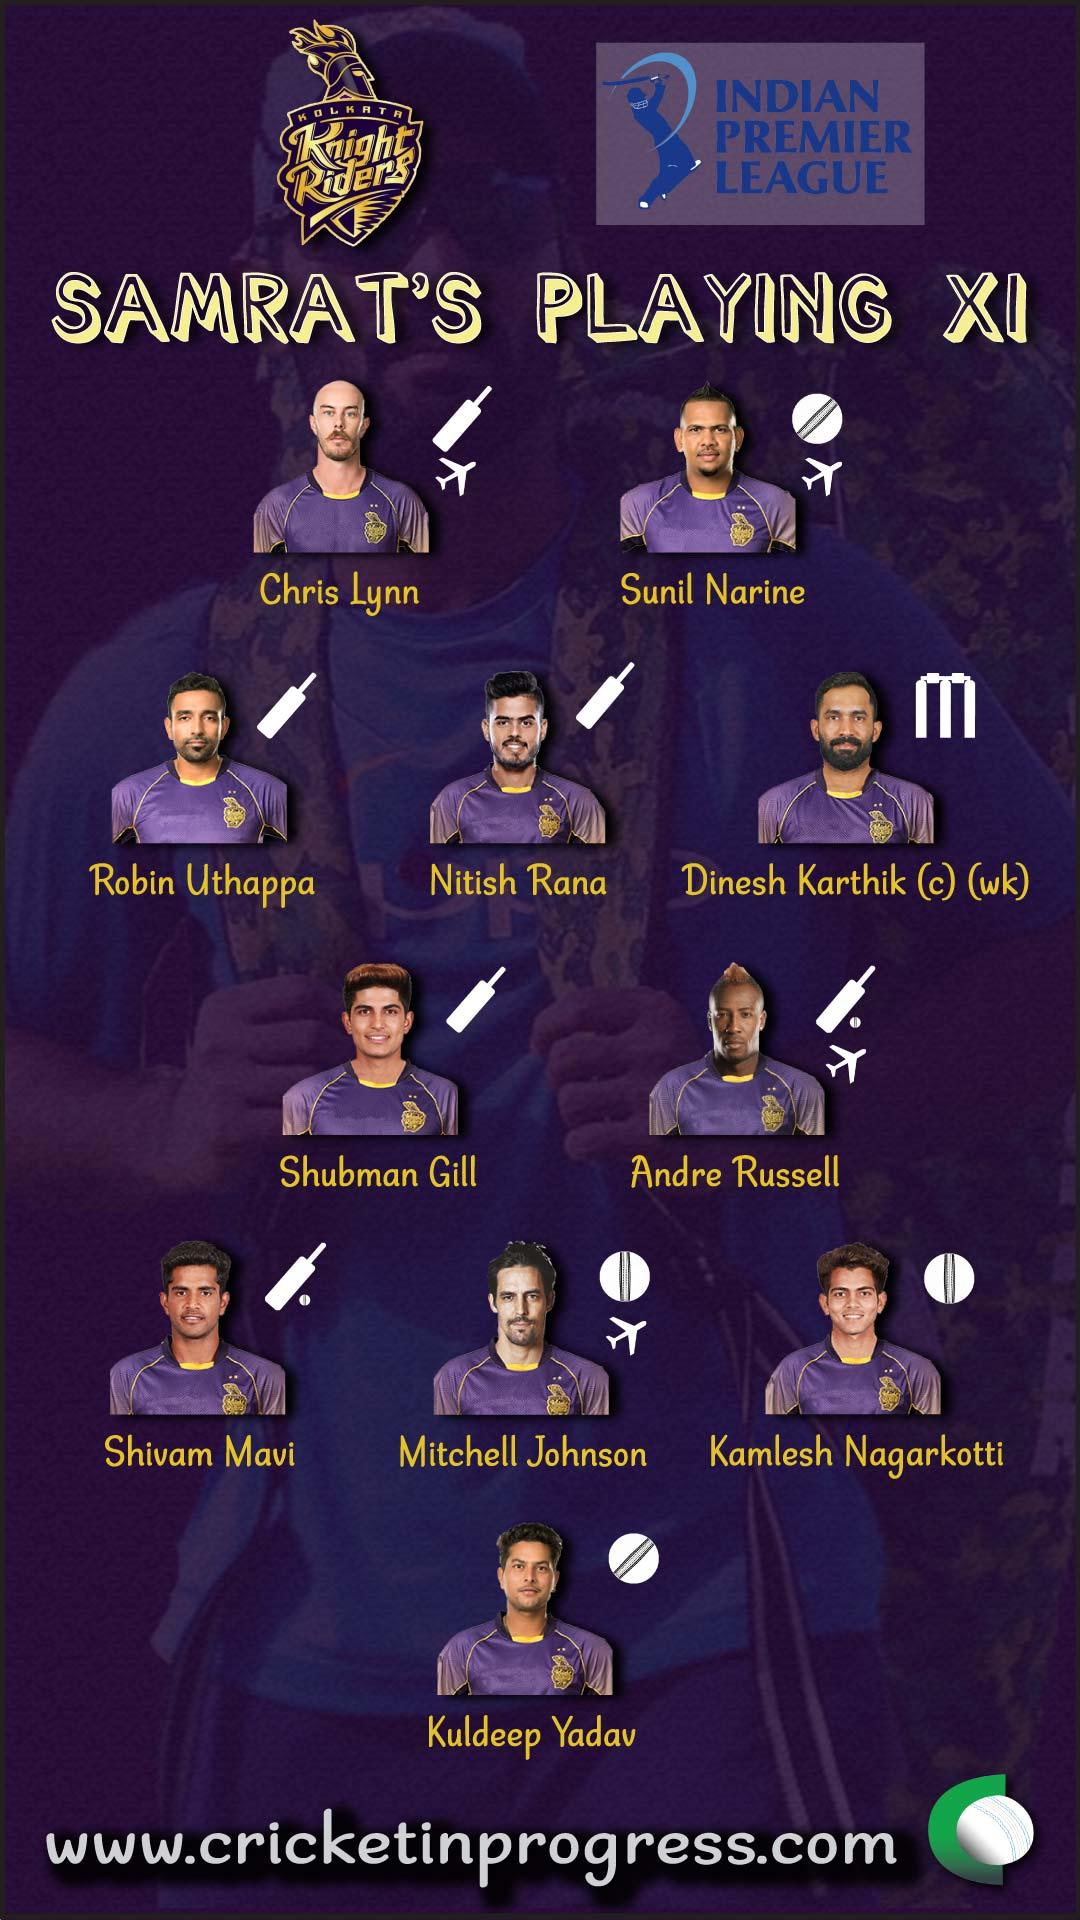 KKR Samrat Playing XI 2018